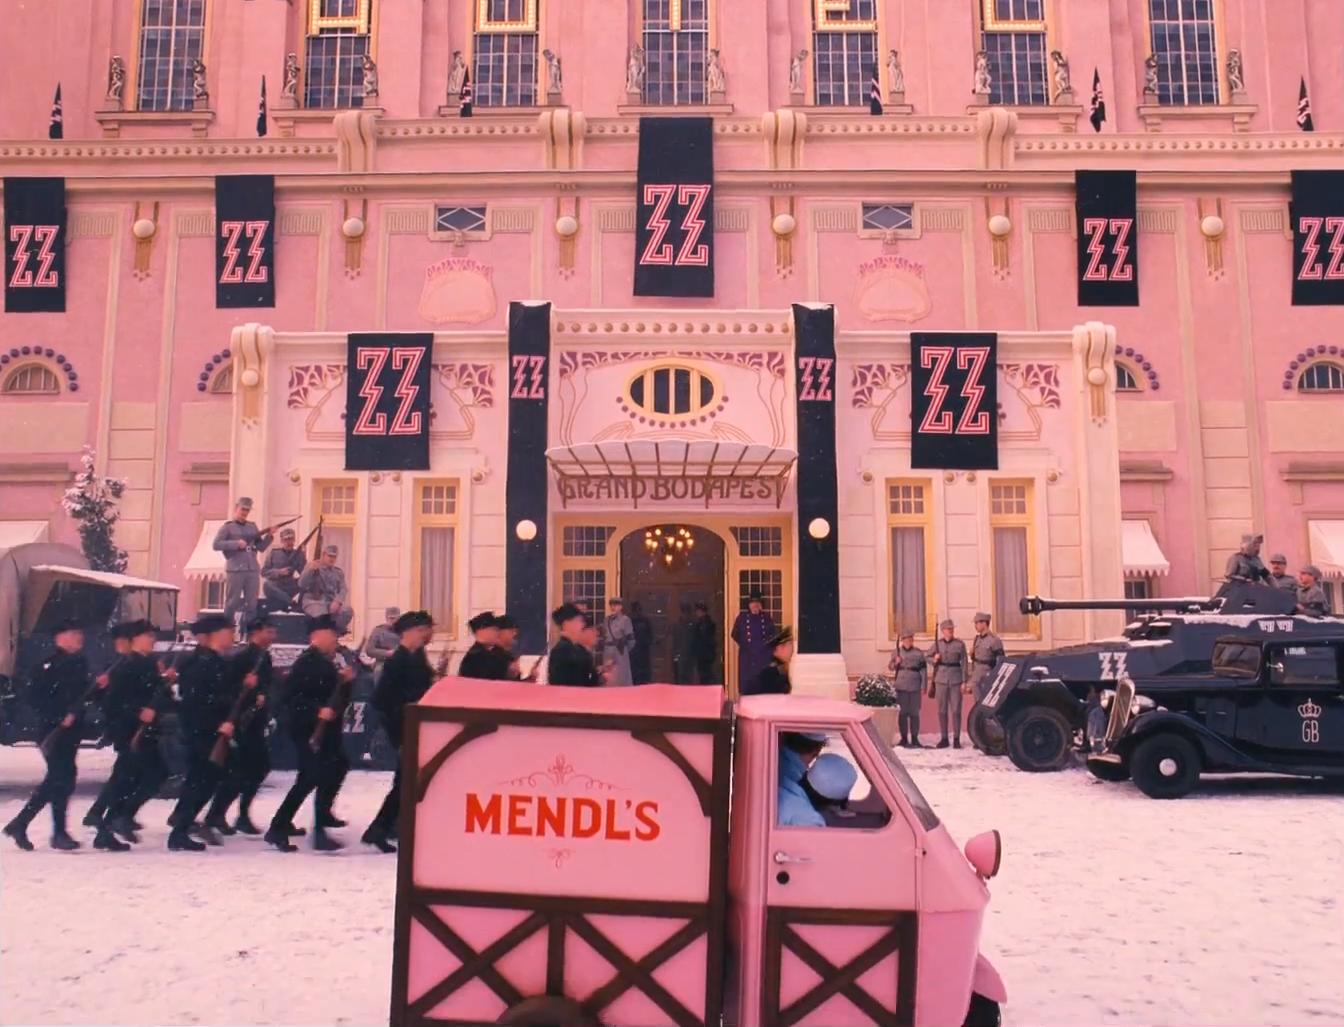 Il gusto per le composizioni ordinate accompagna il cinema di Wes Anderson da sempre. Tuttavia, negli ultimi film ho notato un'accelerata.